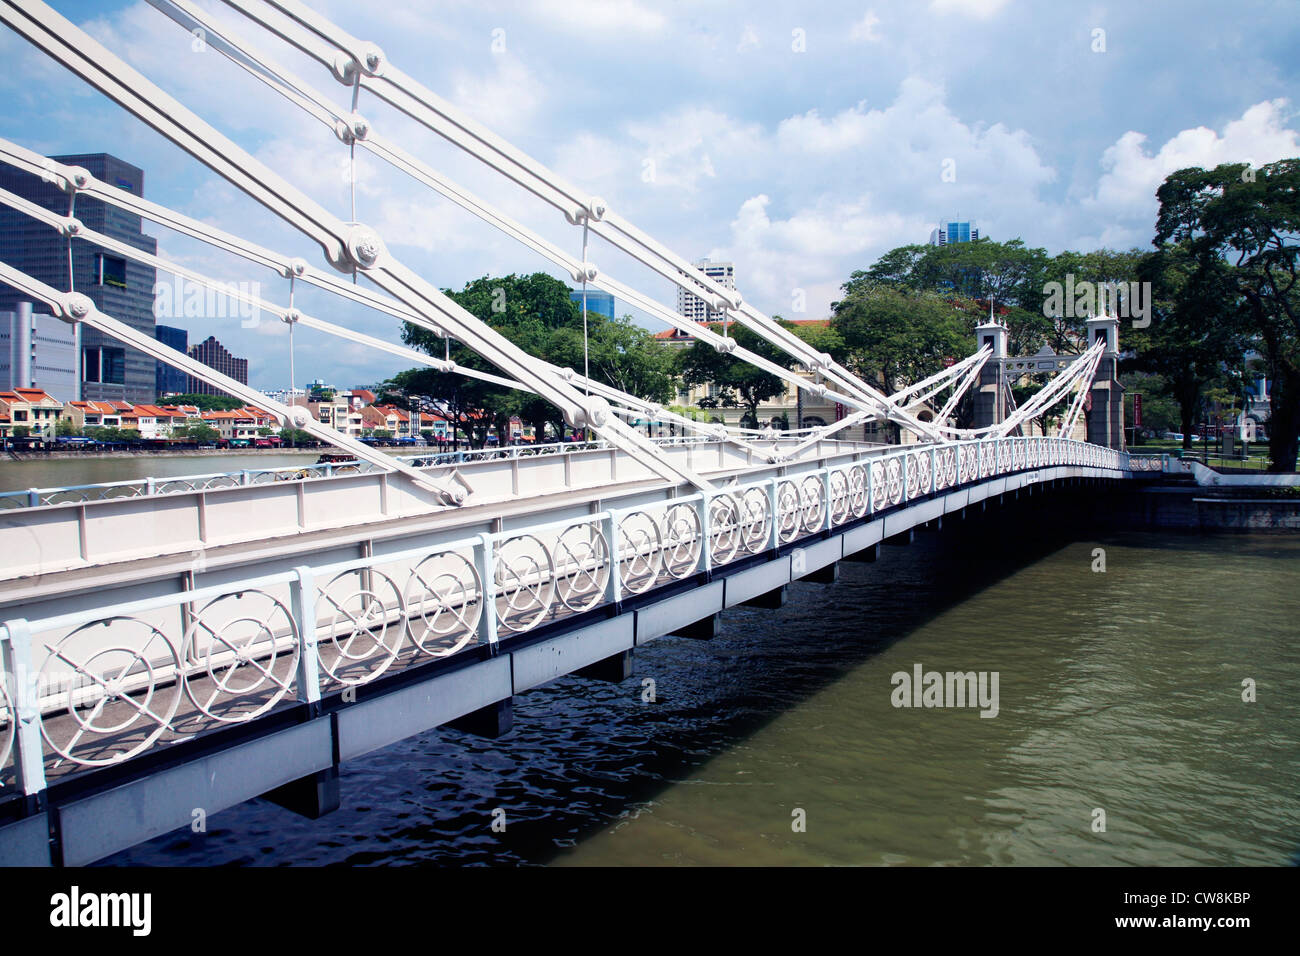 Asia Singapore Cavenagh Bridge - Stock Image